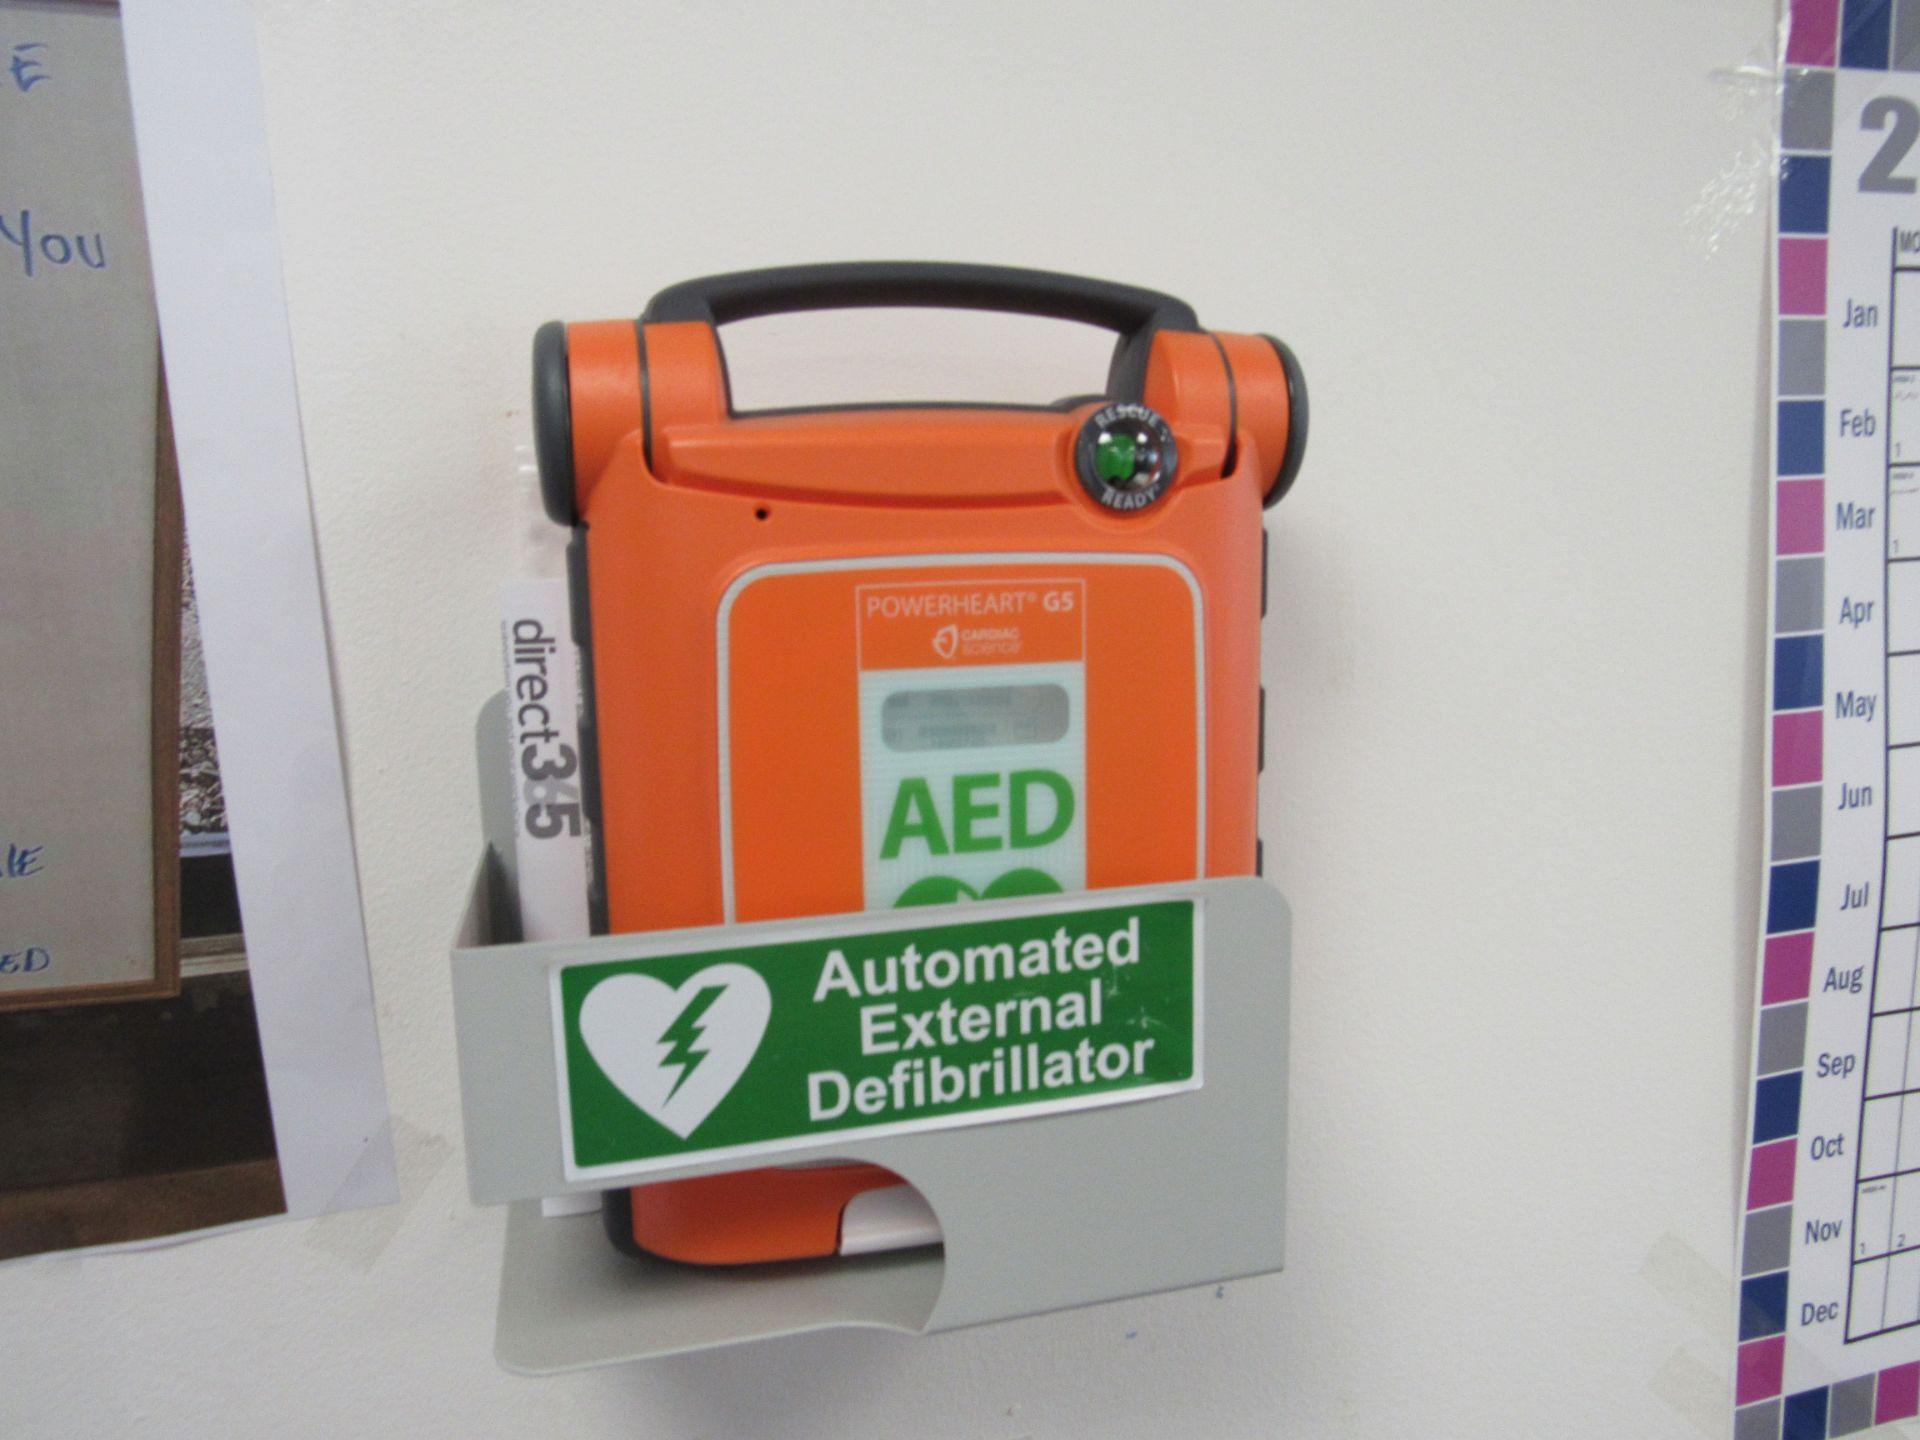 PowerHeart G5 automatic external defibrillator, Serial Number D00000042311